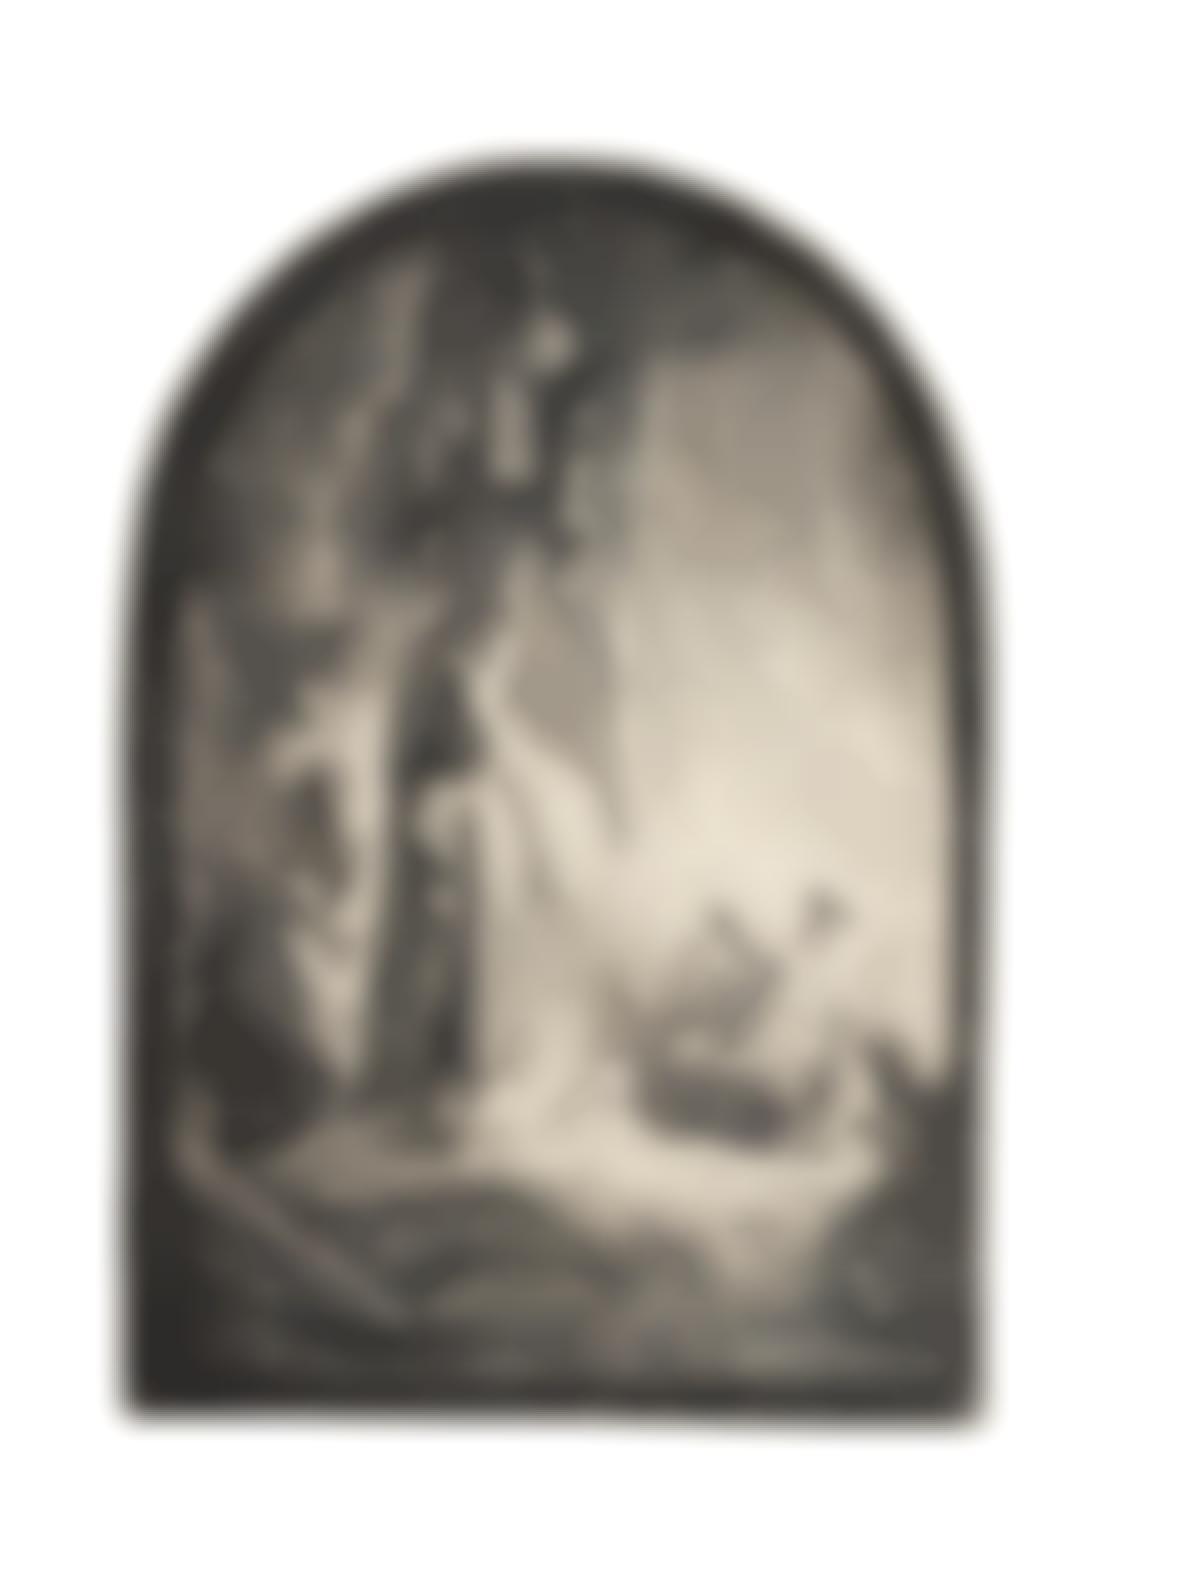 Rembrandt van Rijn-The Raising Of Lazarus: The Larger Plate (Bartsch 73; New Hollstein 113)-1632